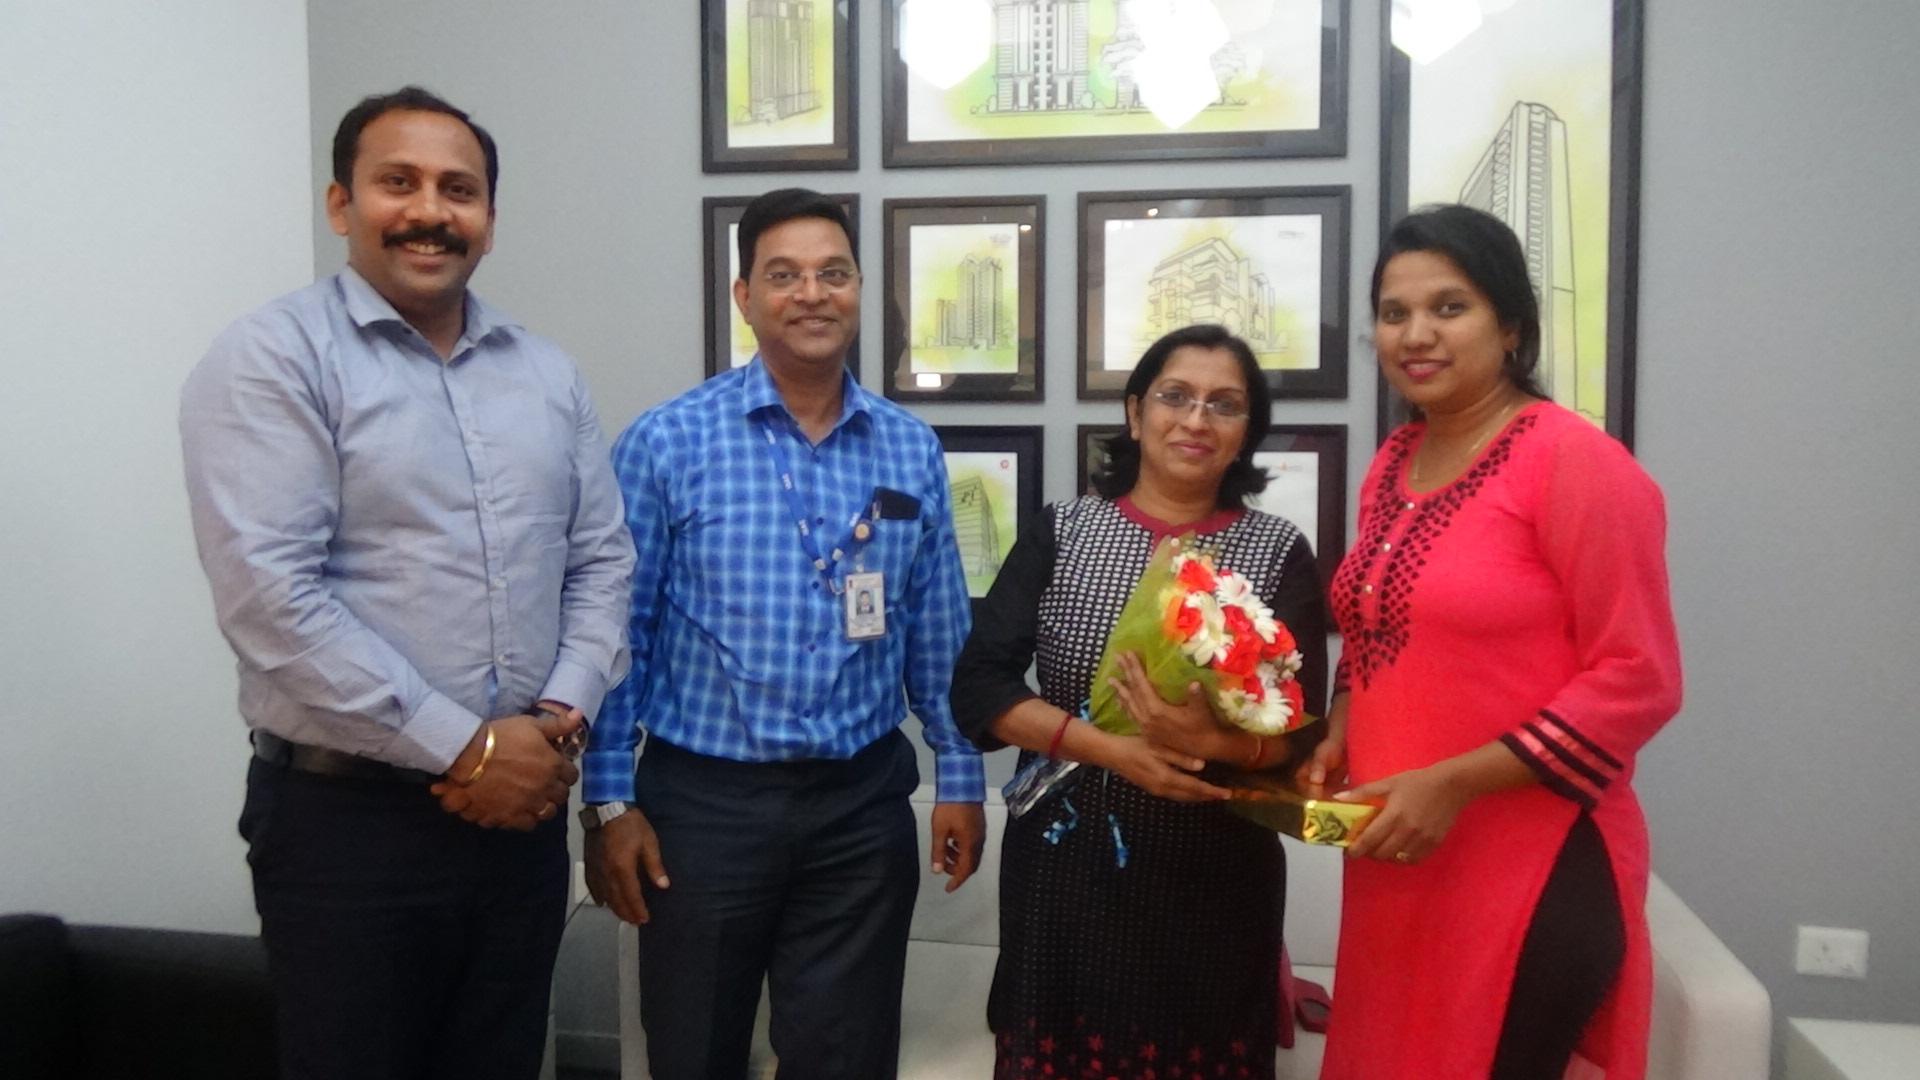 Dr Alok Shrivastava